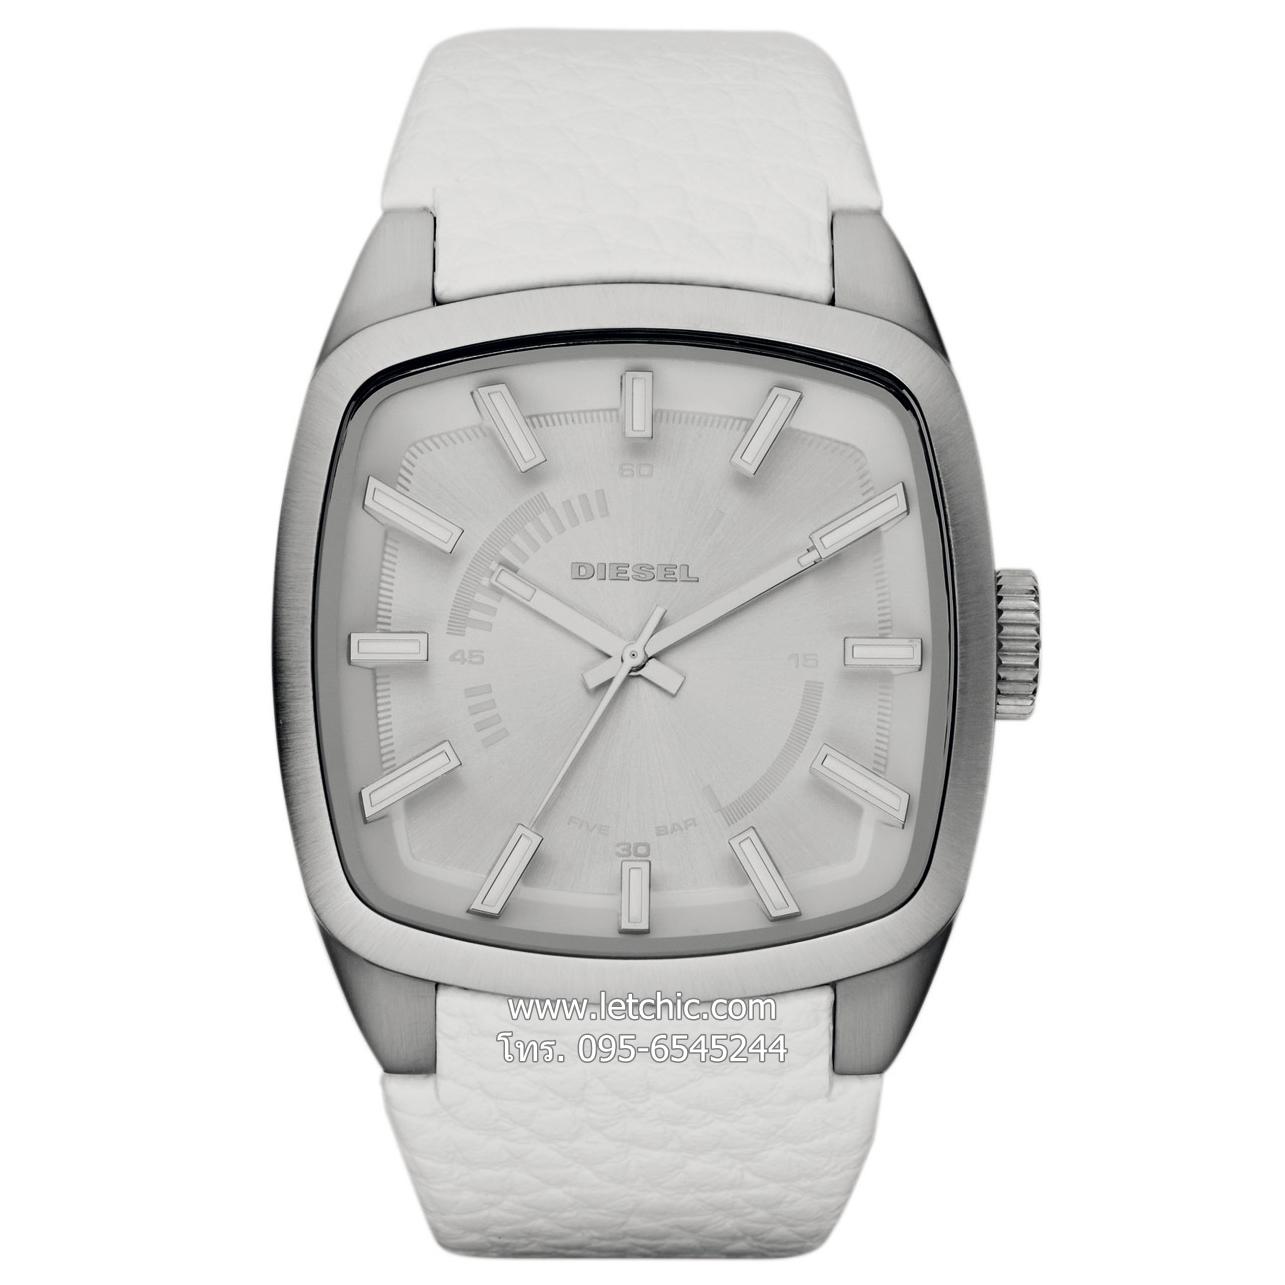 นาฬิกา Diesel รุ่น DZ1531 นาฬิกาข้อมือ unisex ของแท้ ประกันศูนย์ไทย 2 ปี ส่งพร้อมกล่อง และใบรับประกัน